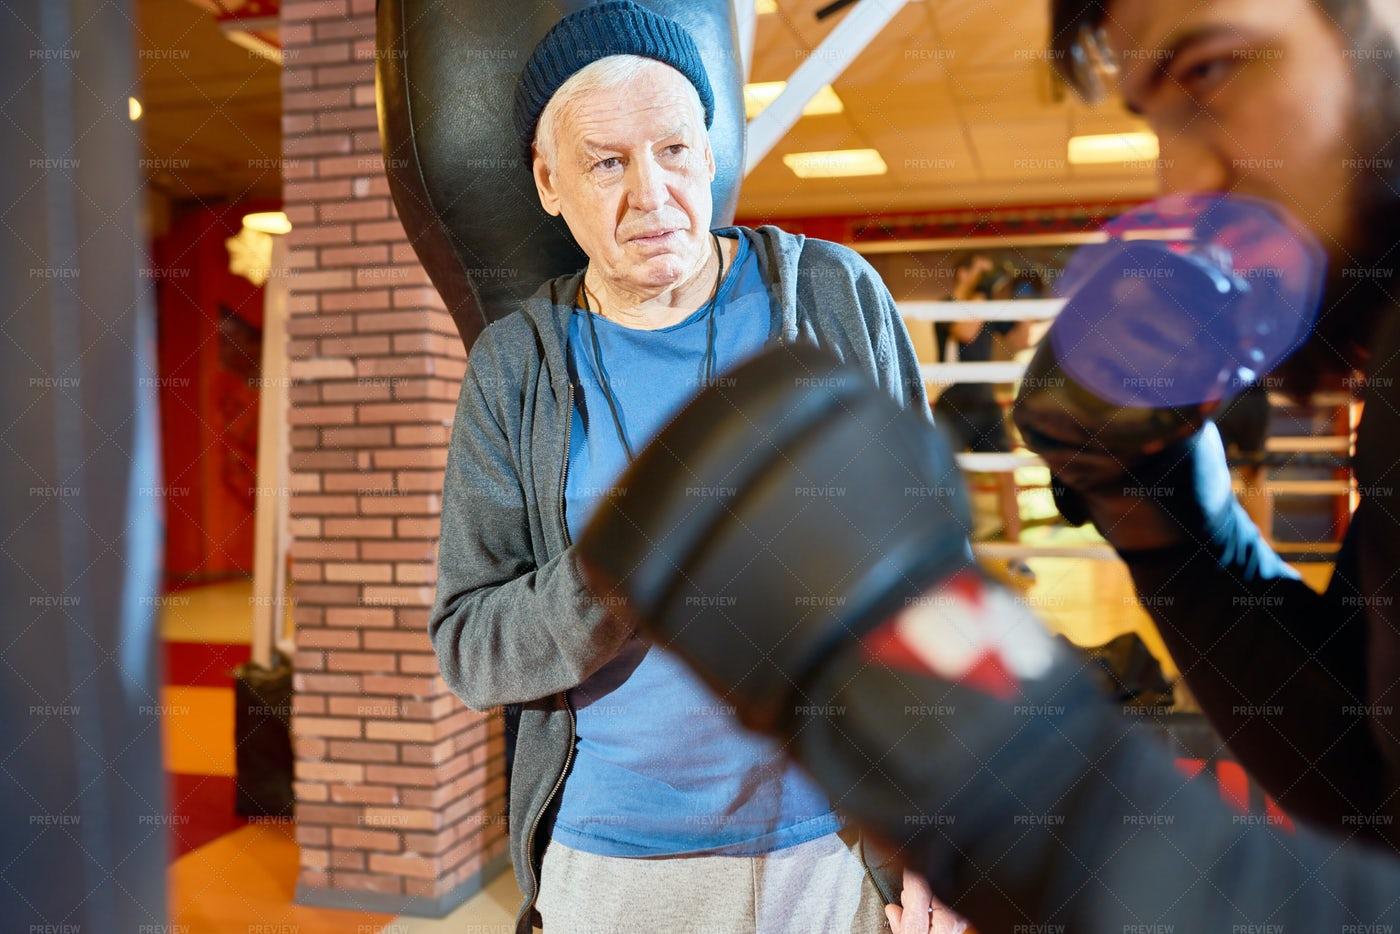 Senior Boxing Coach: Stock Photos